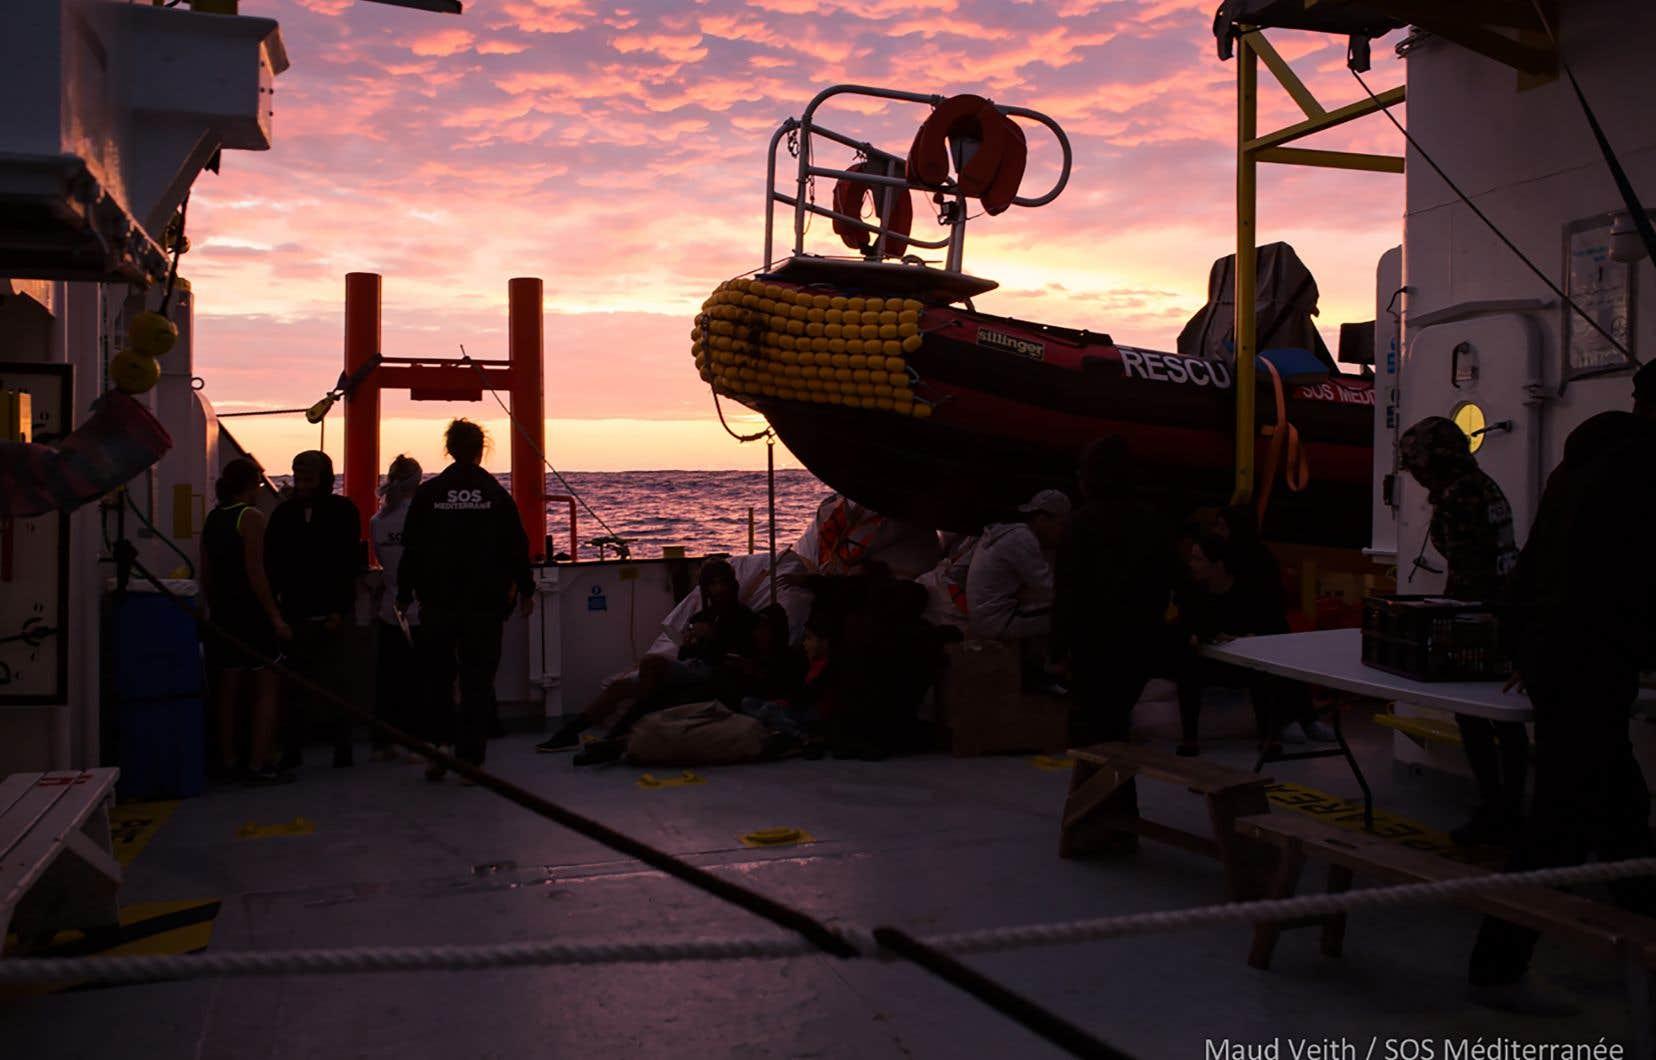 Le navire humanitaire «Aquarius» estdevenu le symbole de la crise politique autour de l'accueil des migrants.